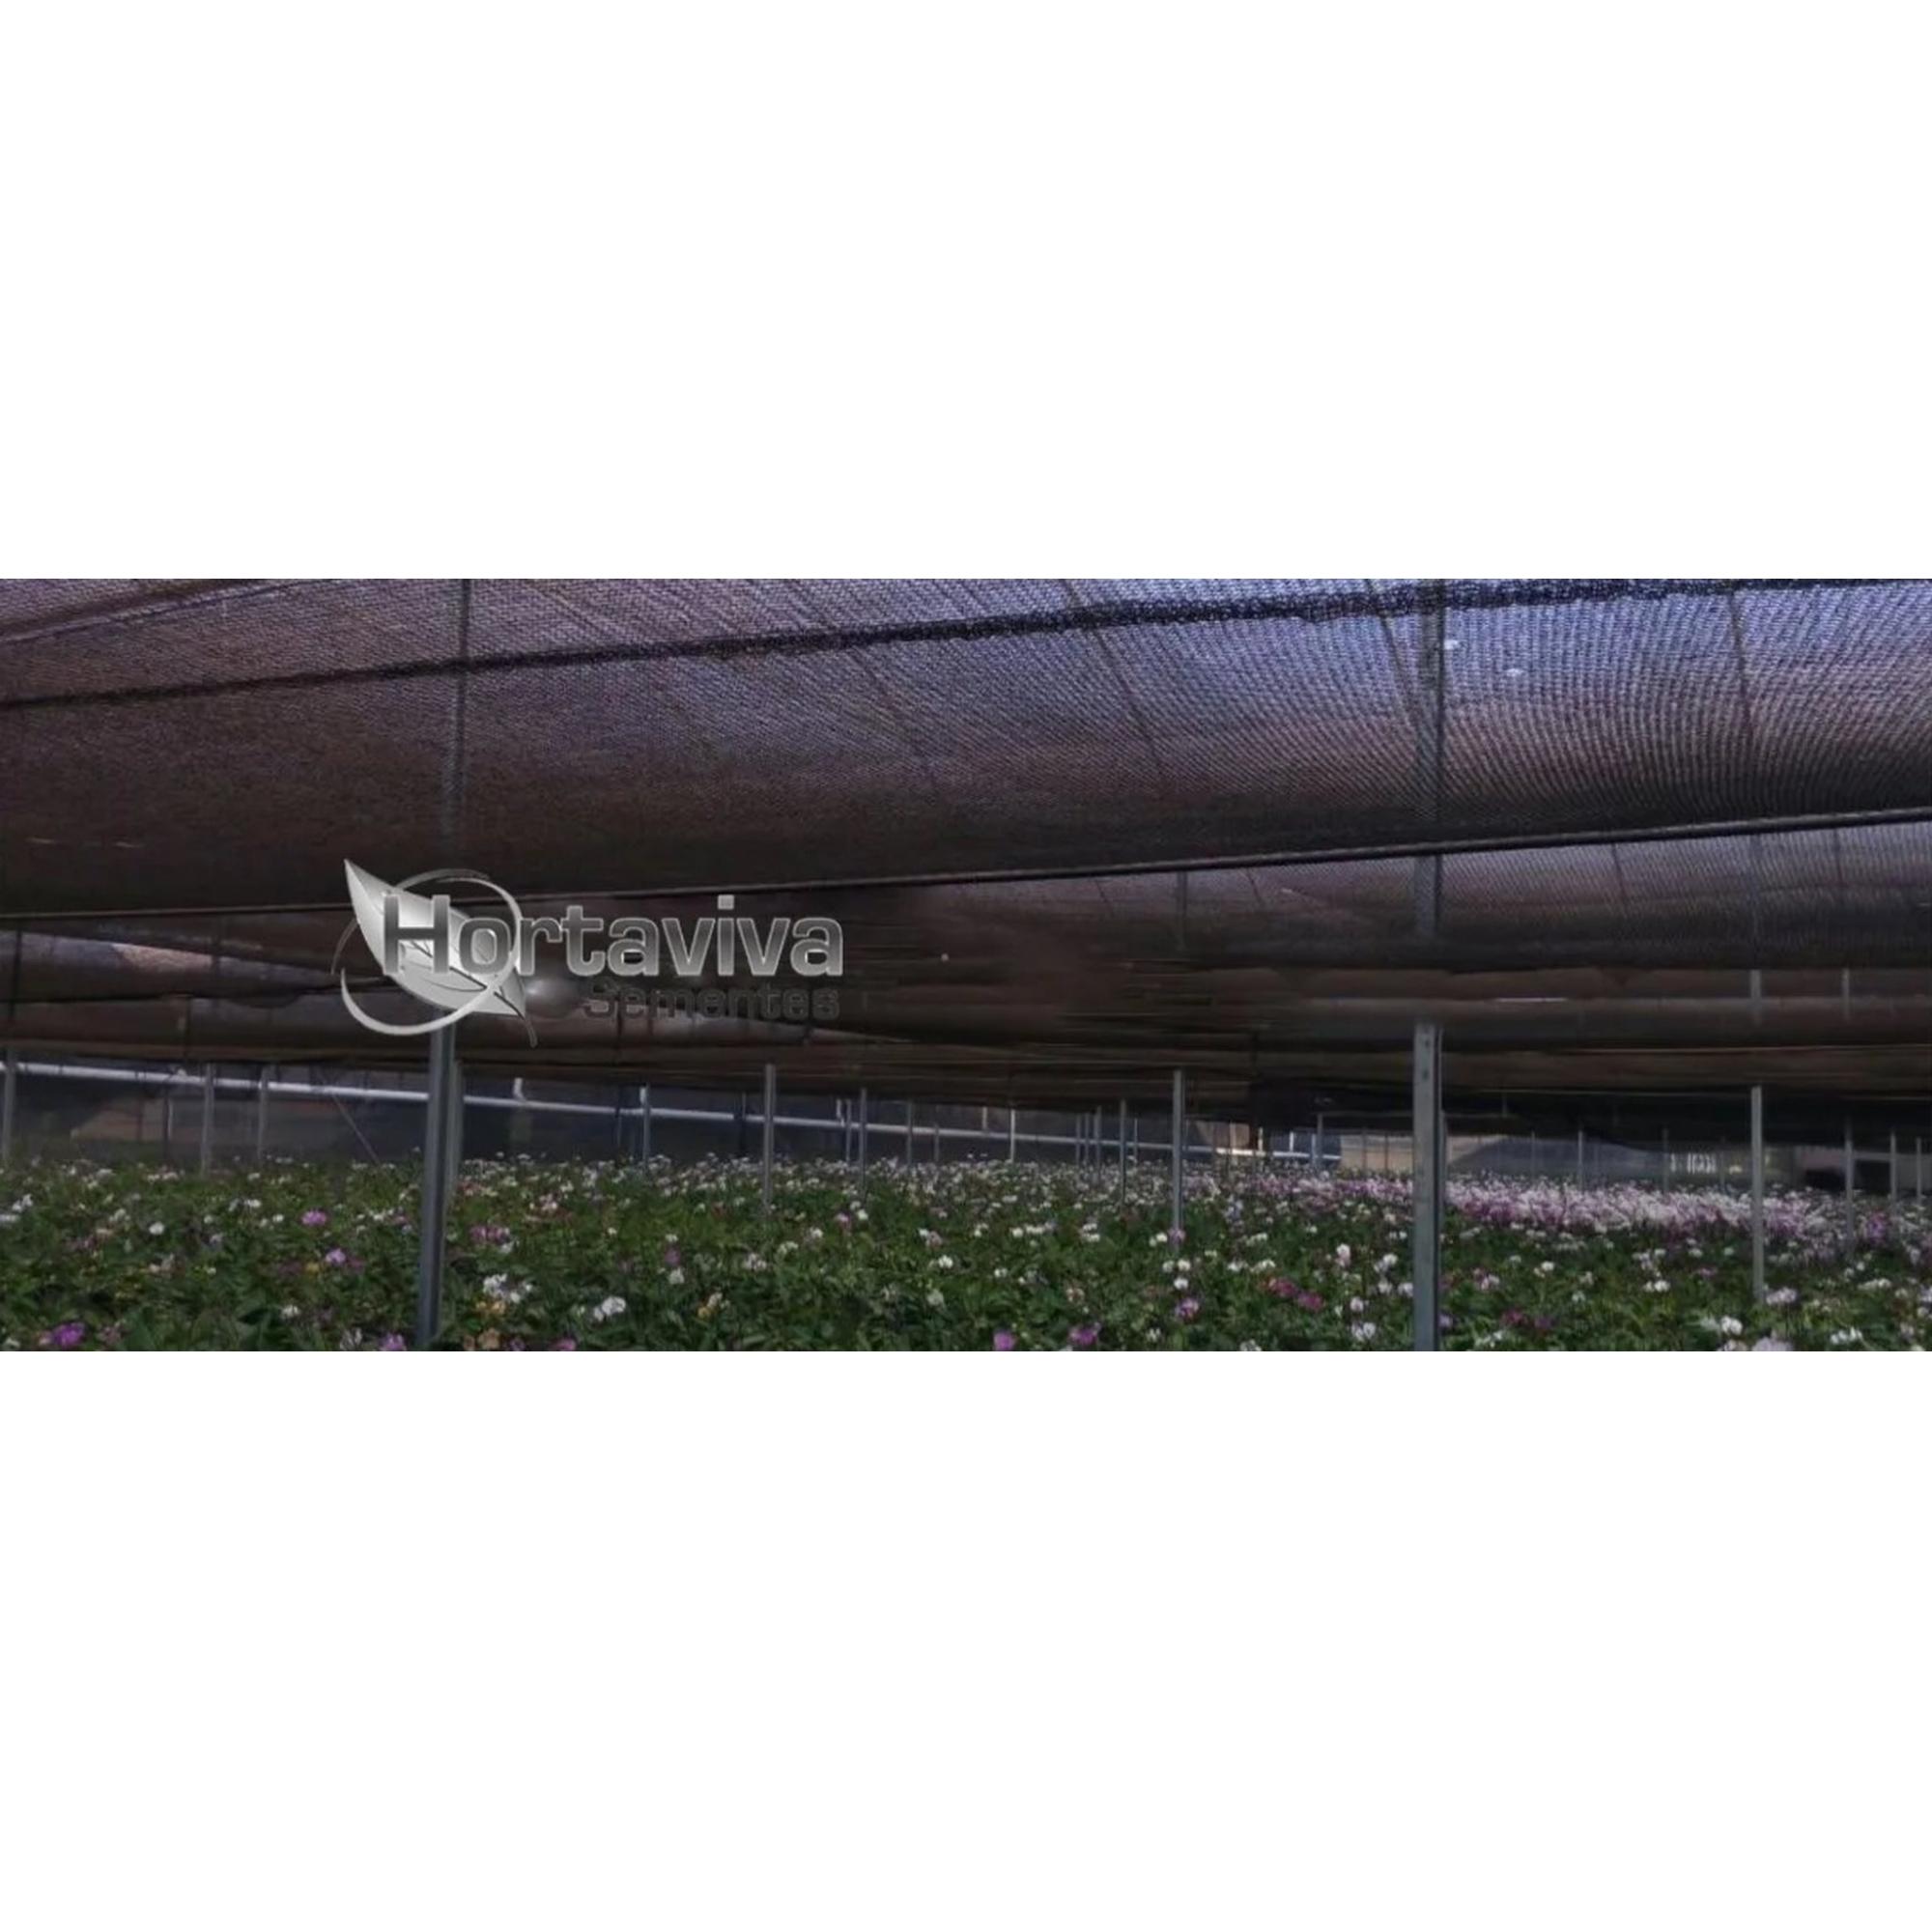 Tela de Sombreamento Preta 50% - 7 Metros x 15 Metros